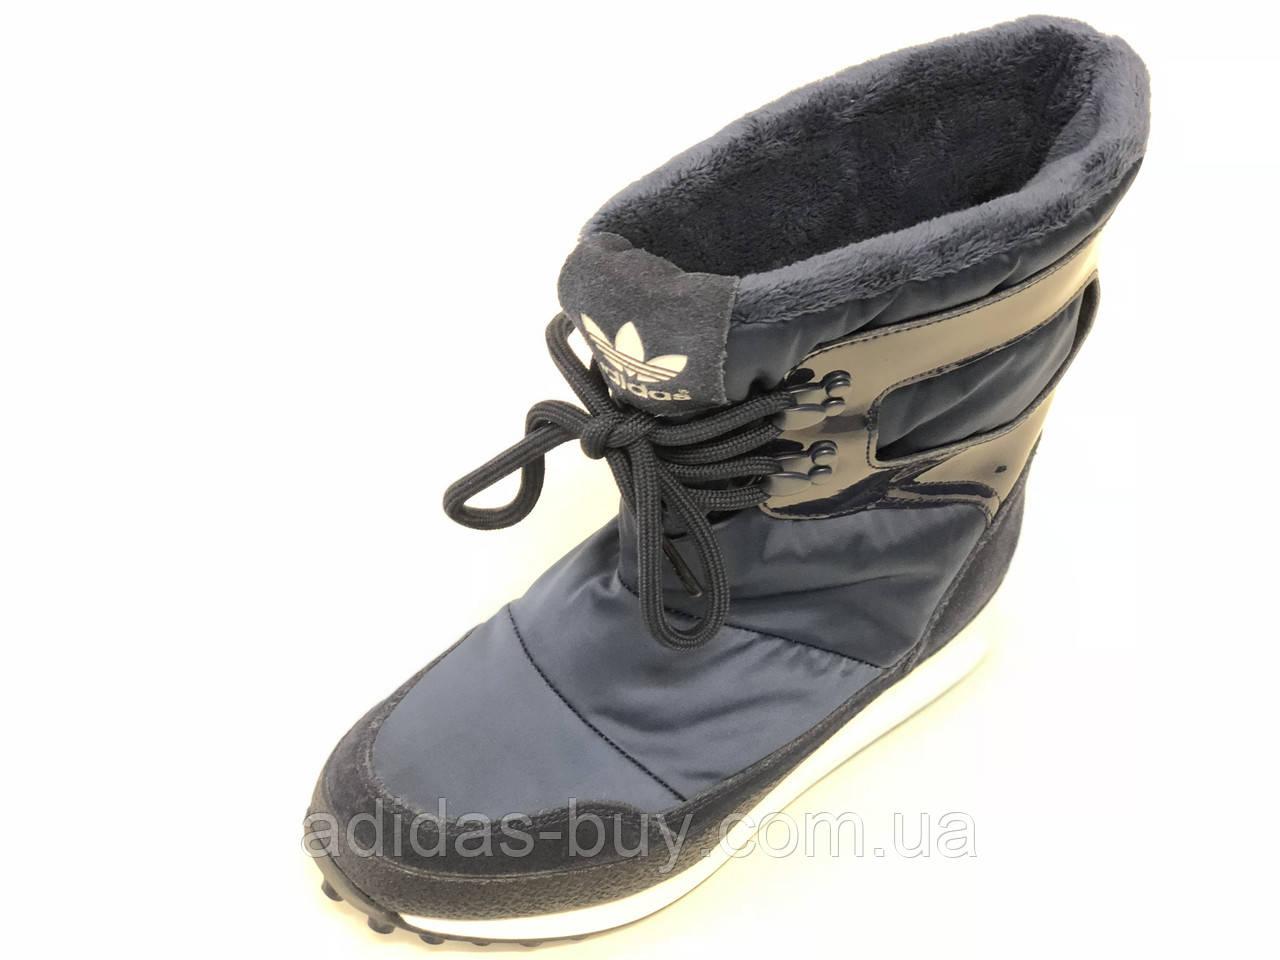 cd709290f ... Женские оригинальные зимние сапоги adidas Snowrush S81384 цвет - синий  3 ...